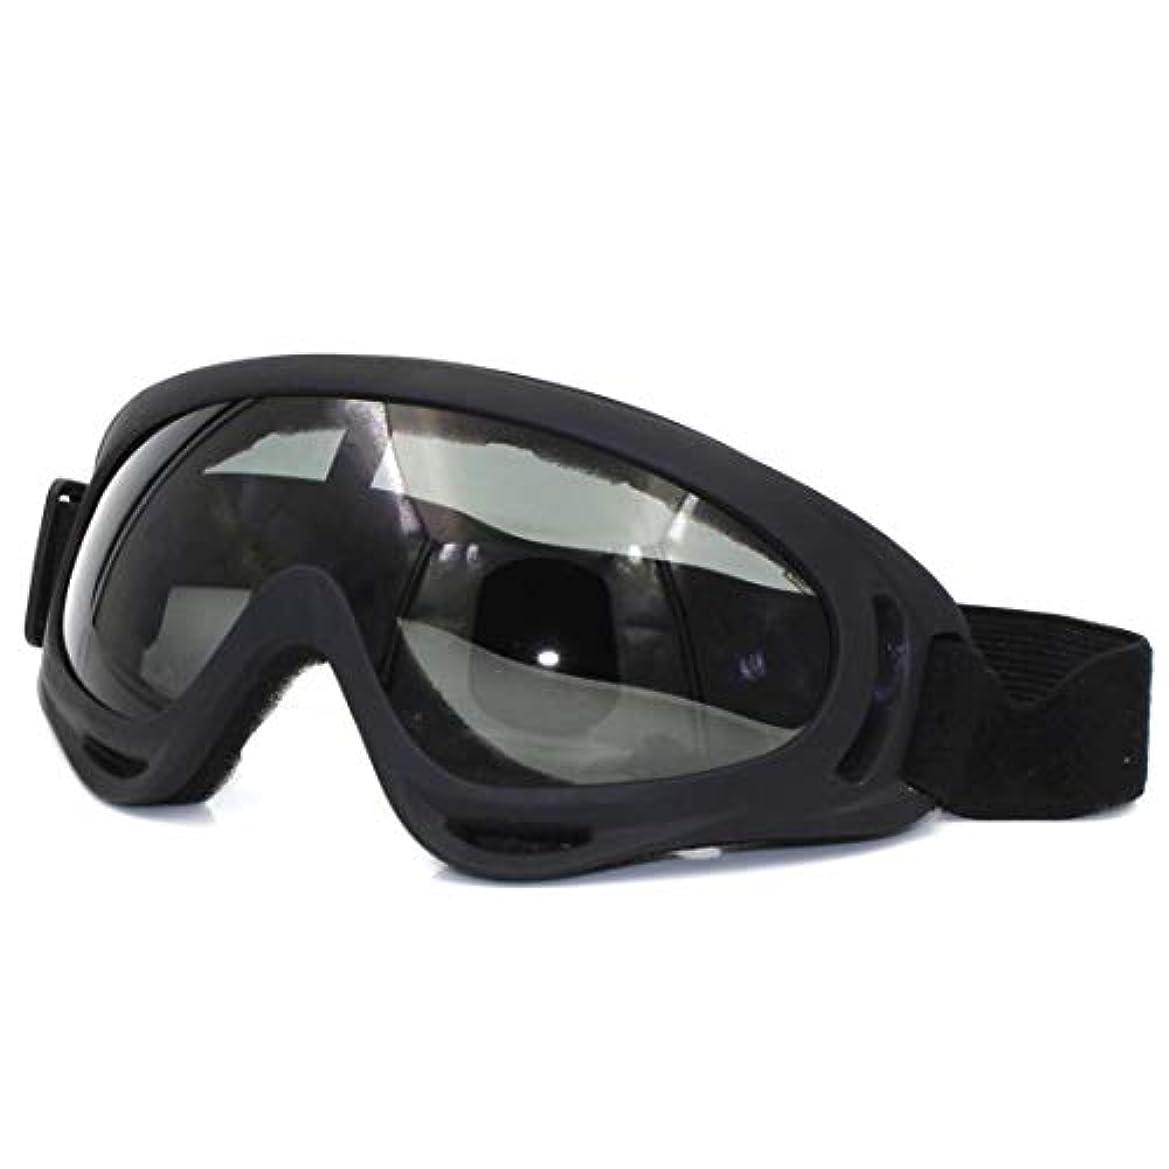 正規化あなたのもの話すKoloeplf 女性男性用オートバイメガネに乗って偏光屋外防曇スキー防風眼鏡 (Color : E)